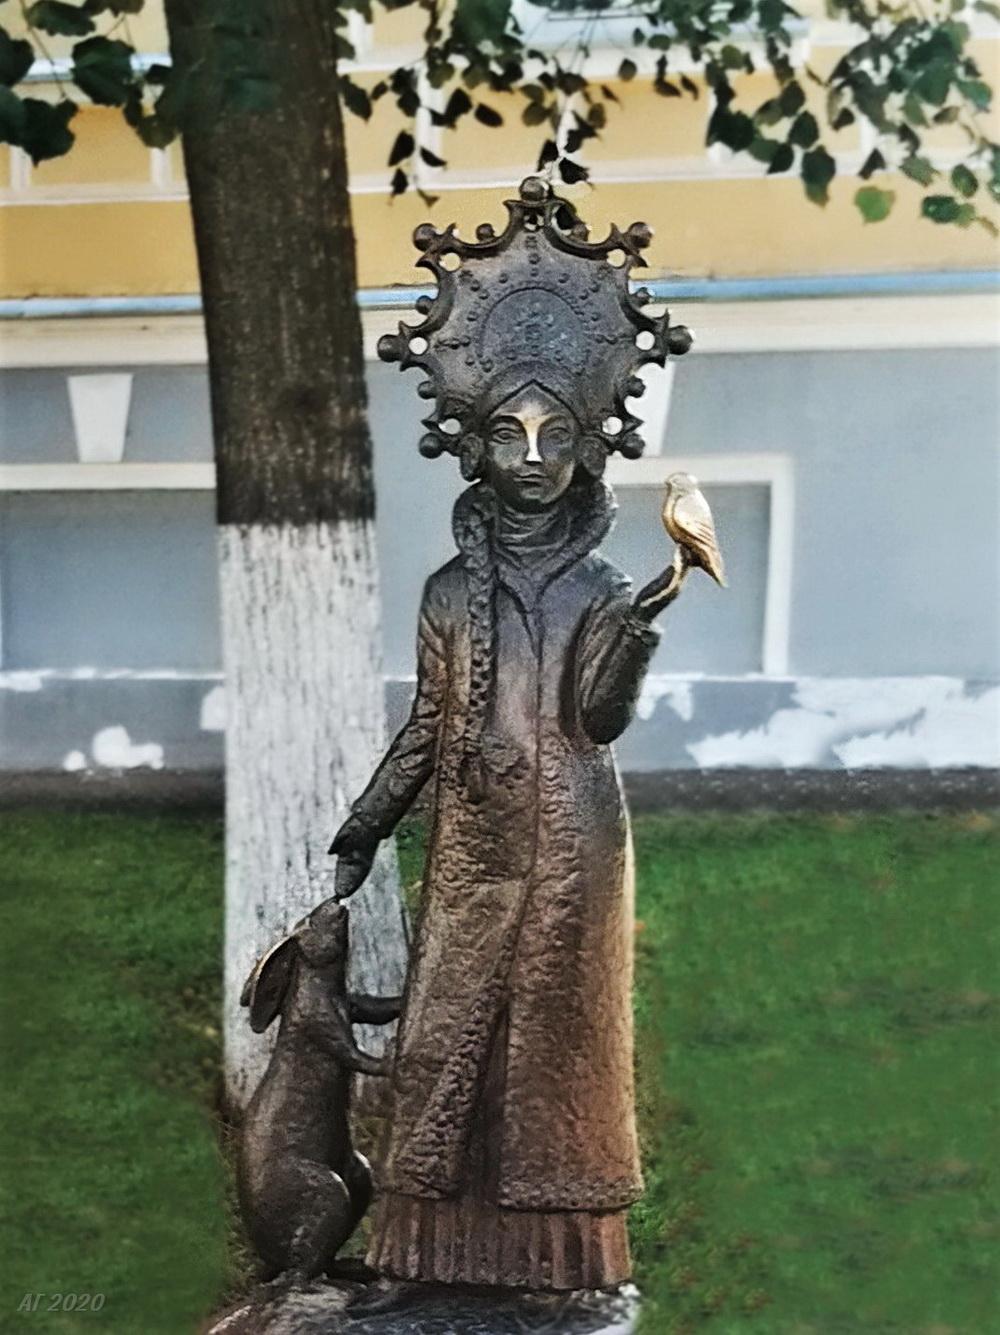 Памятник Снегурочке. Ей надо потереть нос и птичку в руке. Кострома, 02.08.2020